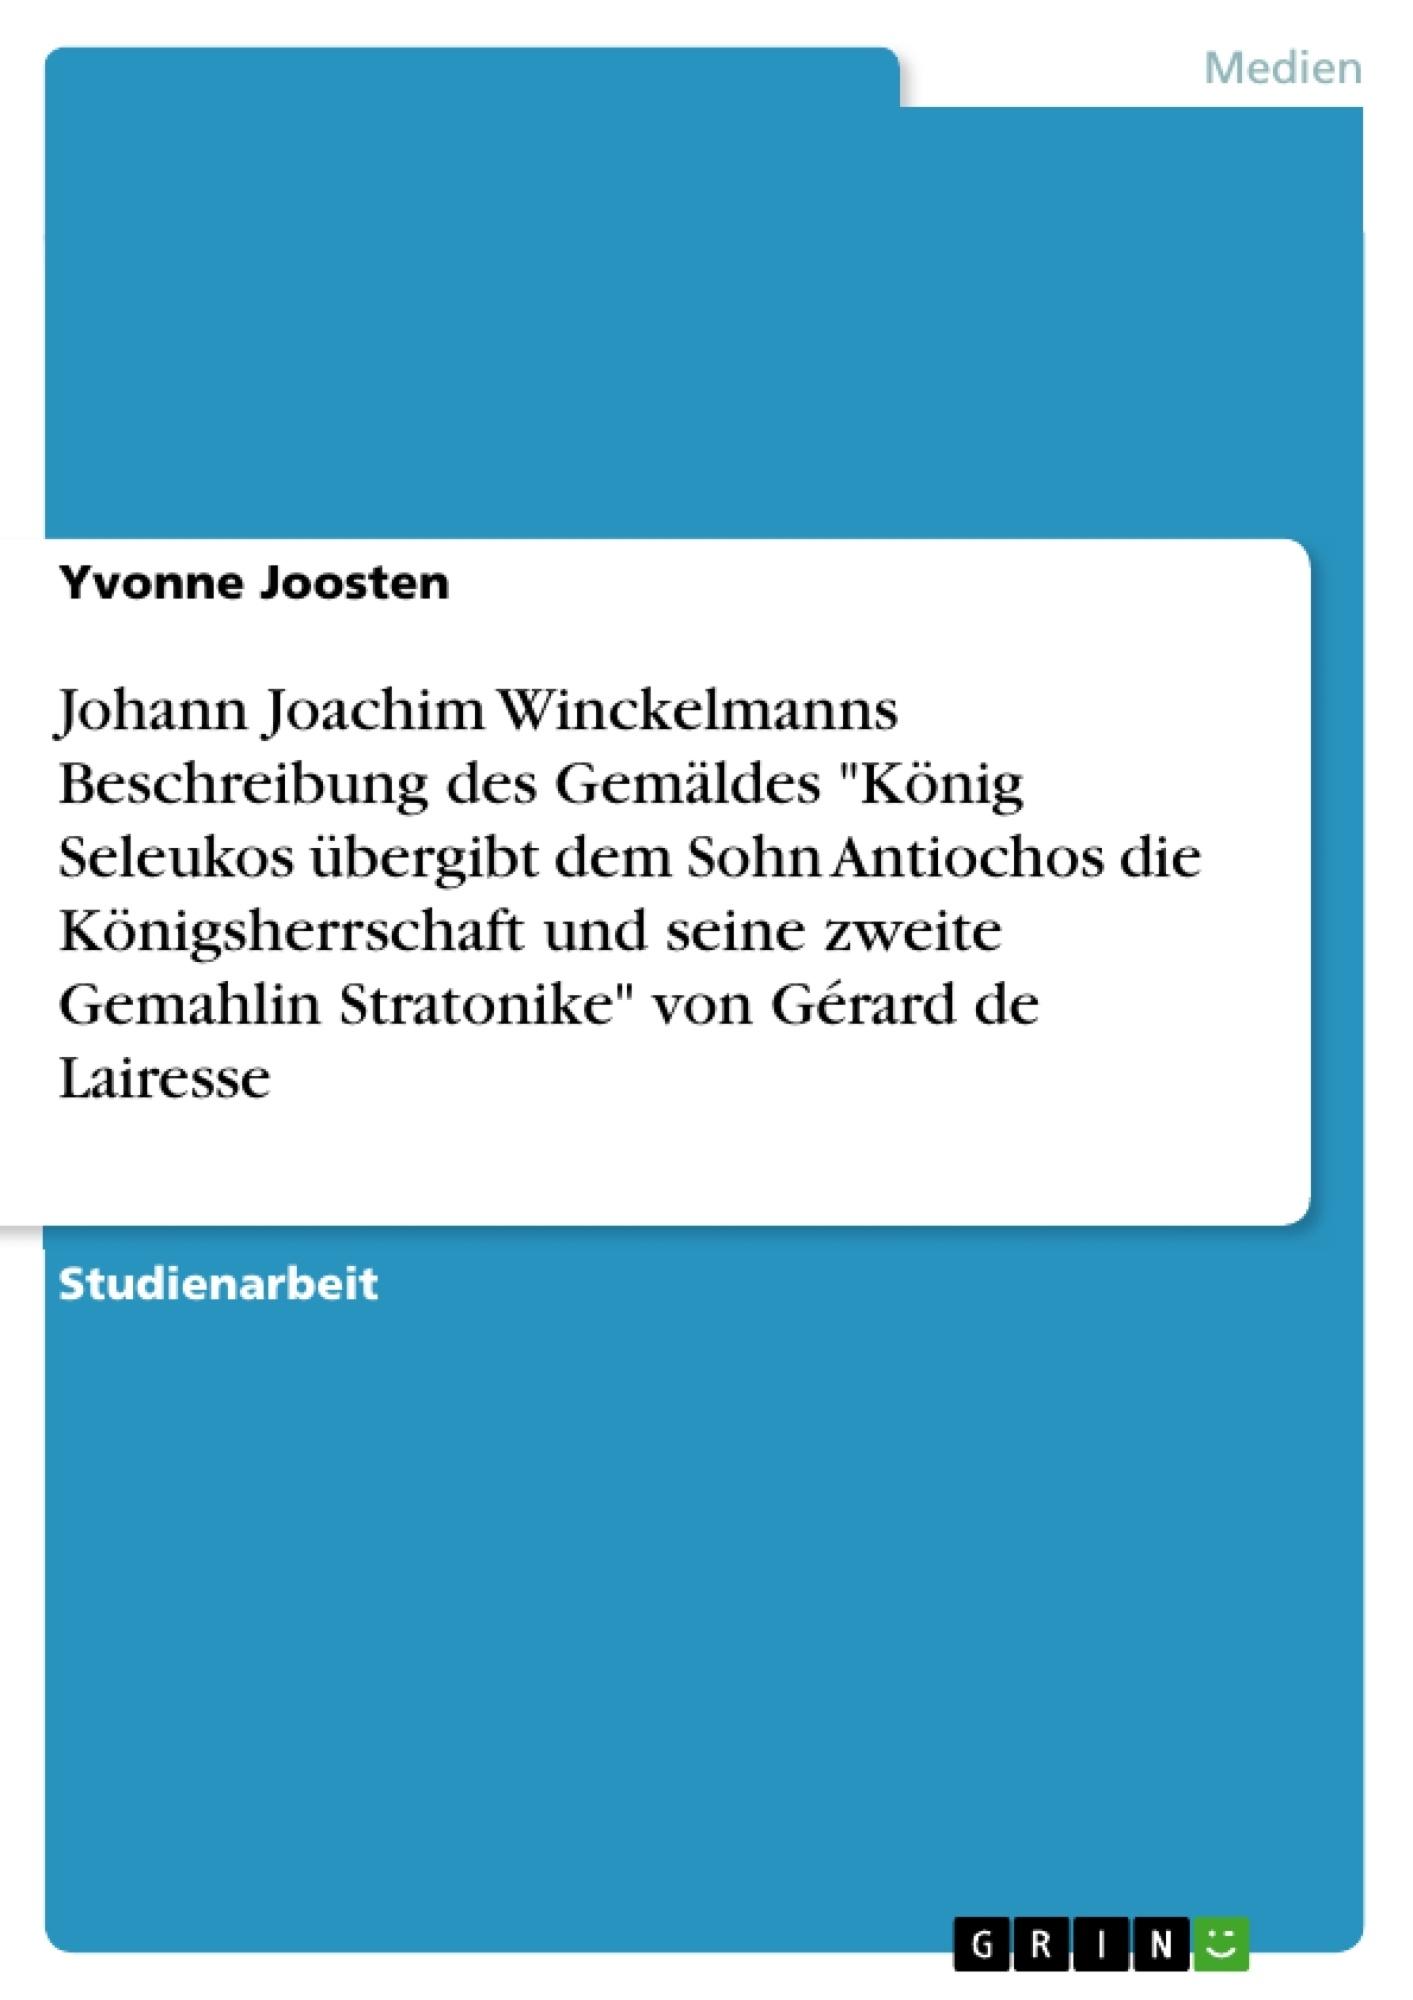 """Titel: Johann Joachim Winckelmanns Beschreibung des Gemäldes """"König Seleukos übergibt dem Sohn Antiochos die Königsherrschaft und seine zweite Gemahlin Stratonike"""" von Gérard de Lairesse"""